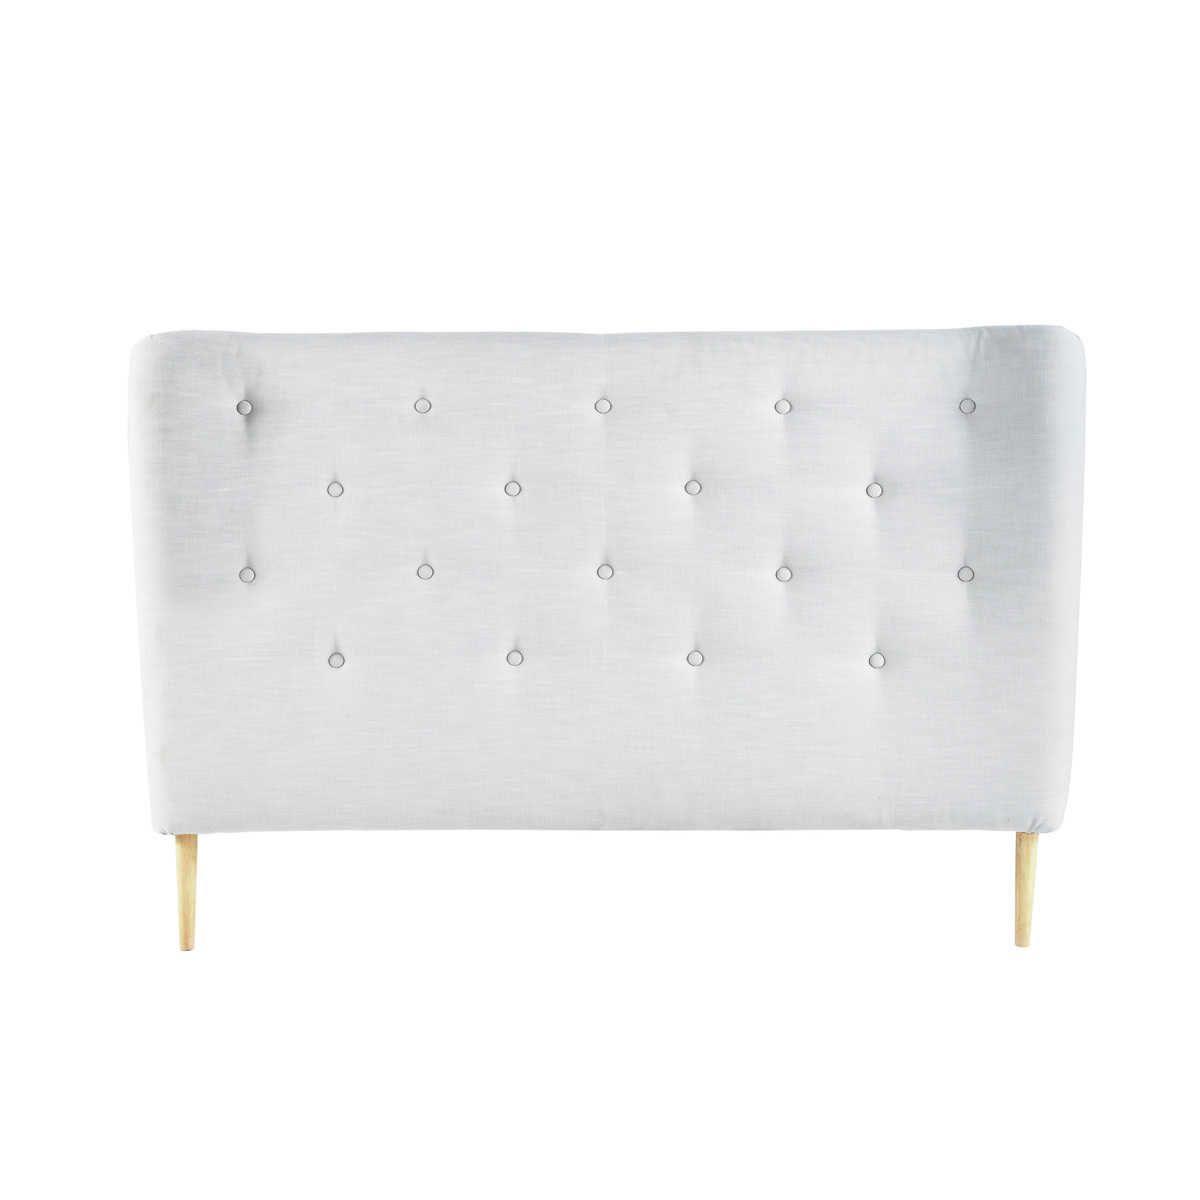 Schon Gestepptes Bett Kopfteil Im Vintage Stil Aus Stoff, B 160 Cm, Grau